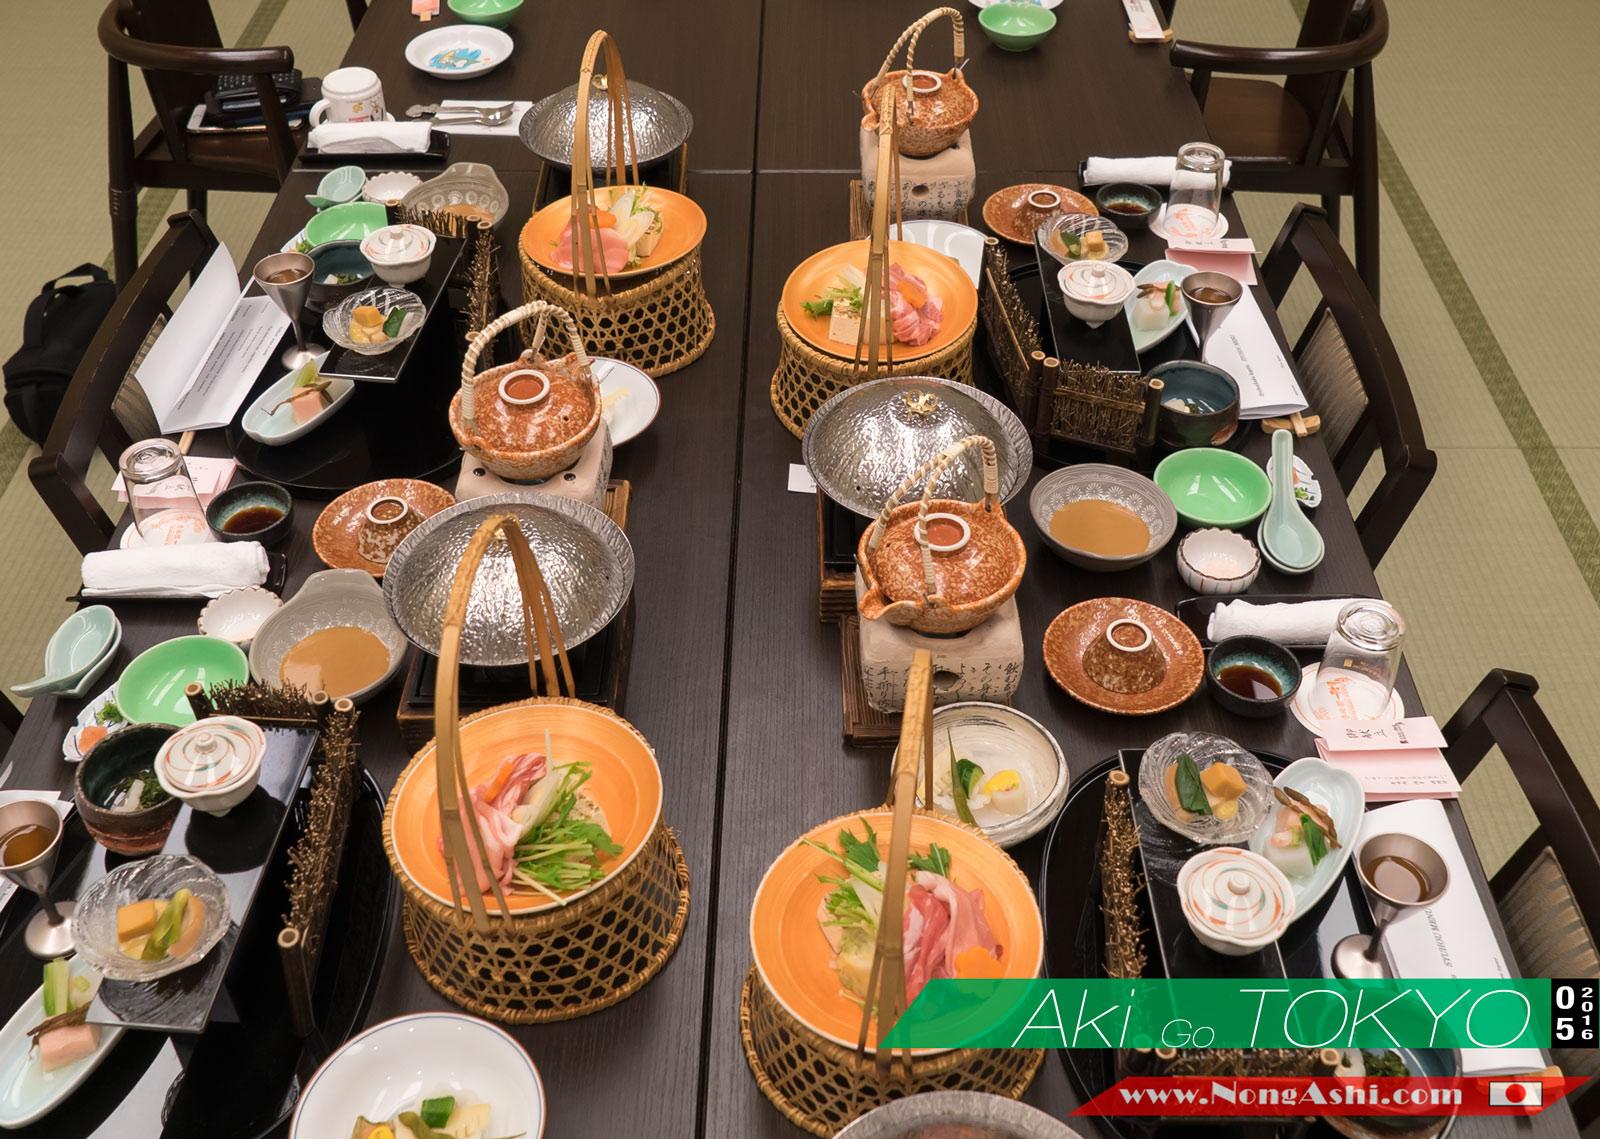 อาหารแบบไคเซกิ (Kaiseki Cuisine) ที่ทางโรงแรมเตรียมไว้